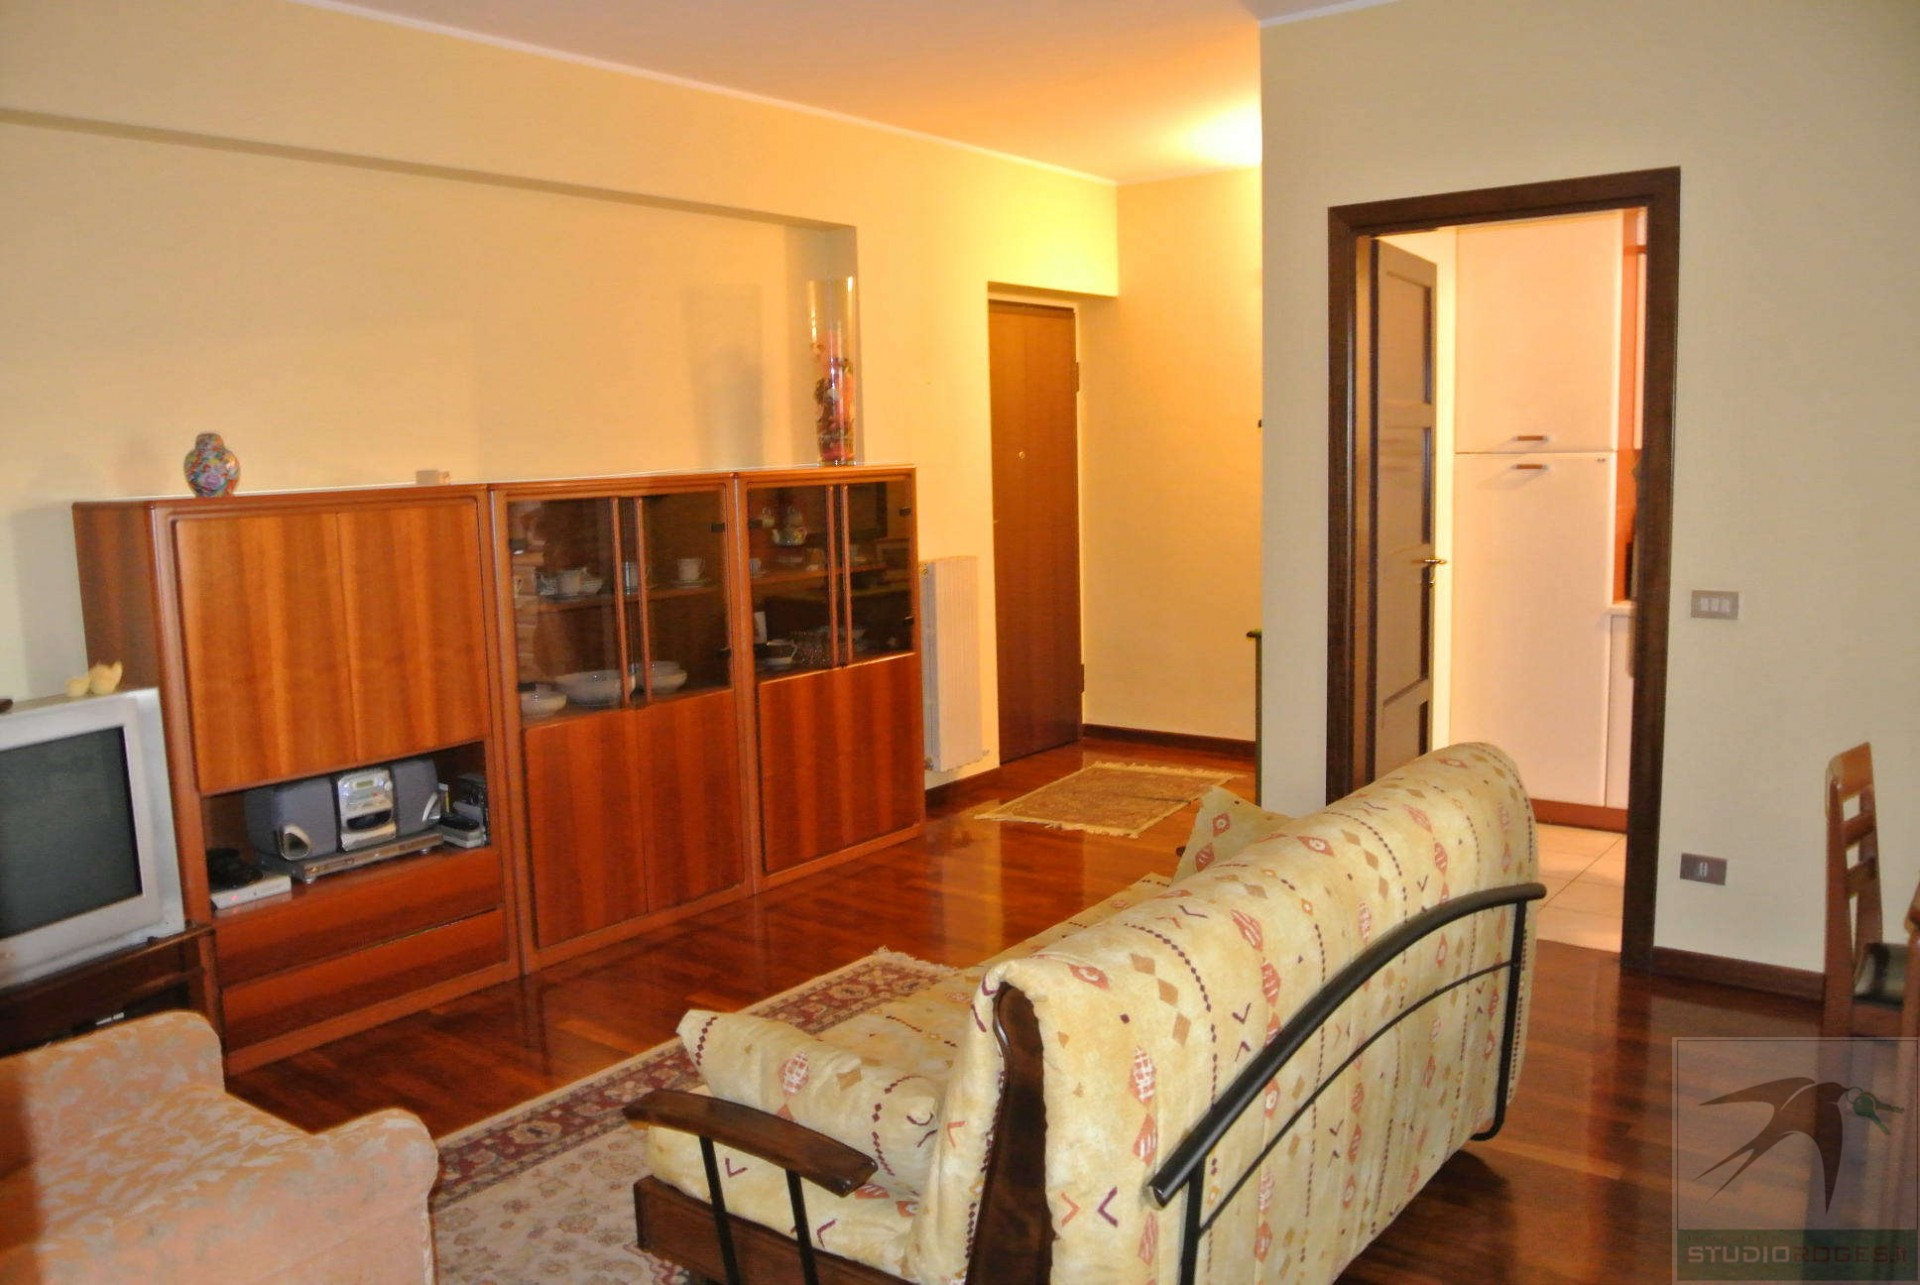 Appartamento in Vendita 98,95 mq - N. camere: 3 - - Cosenza - Cosenza (CS)